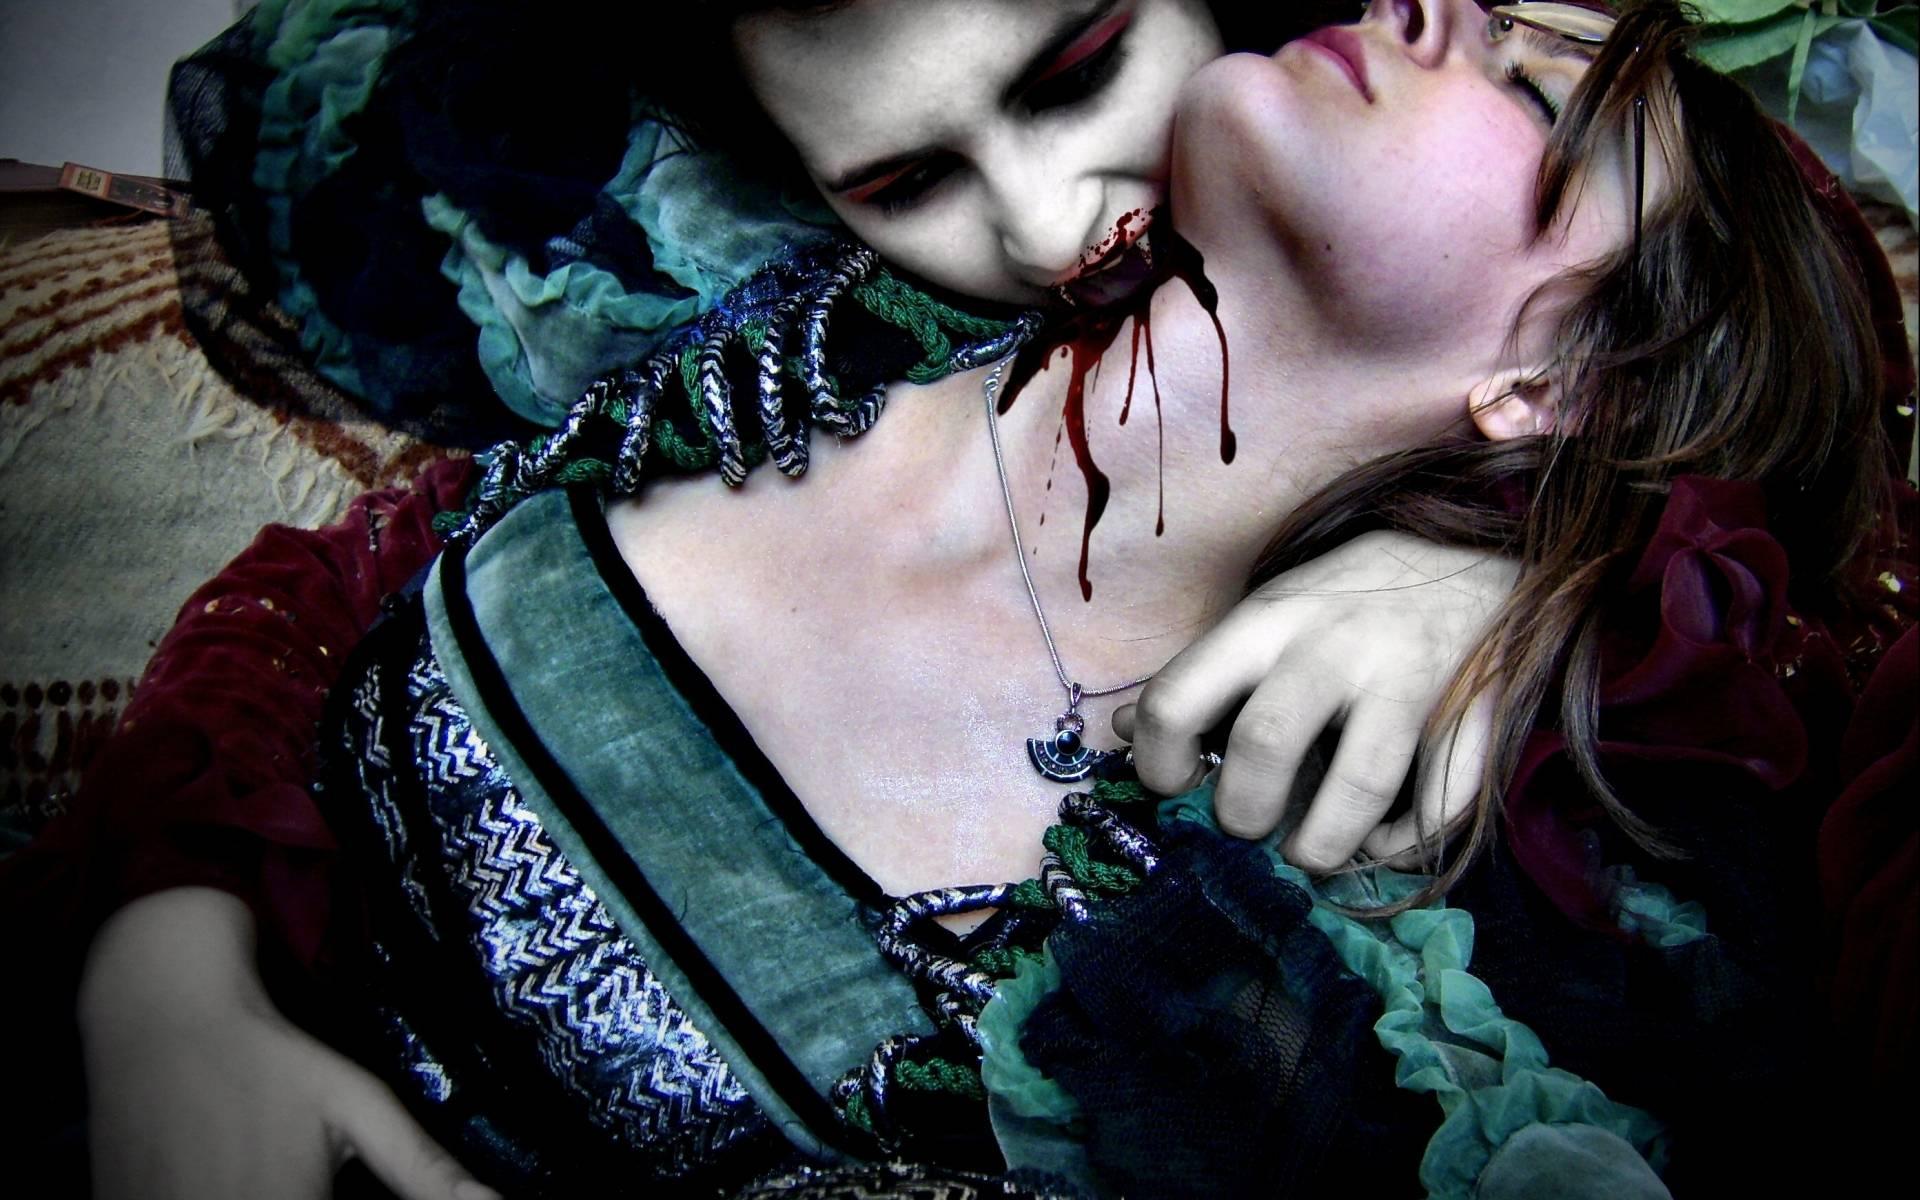 Кириллица    чем упырь отличается от вампира